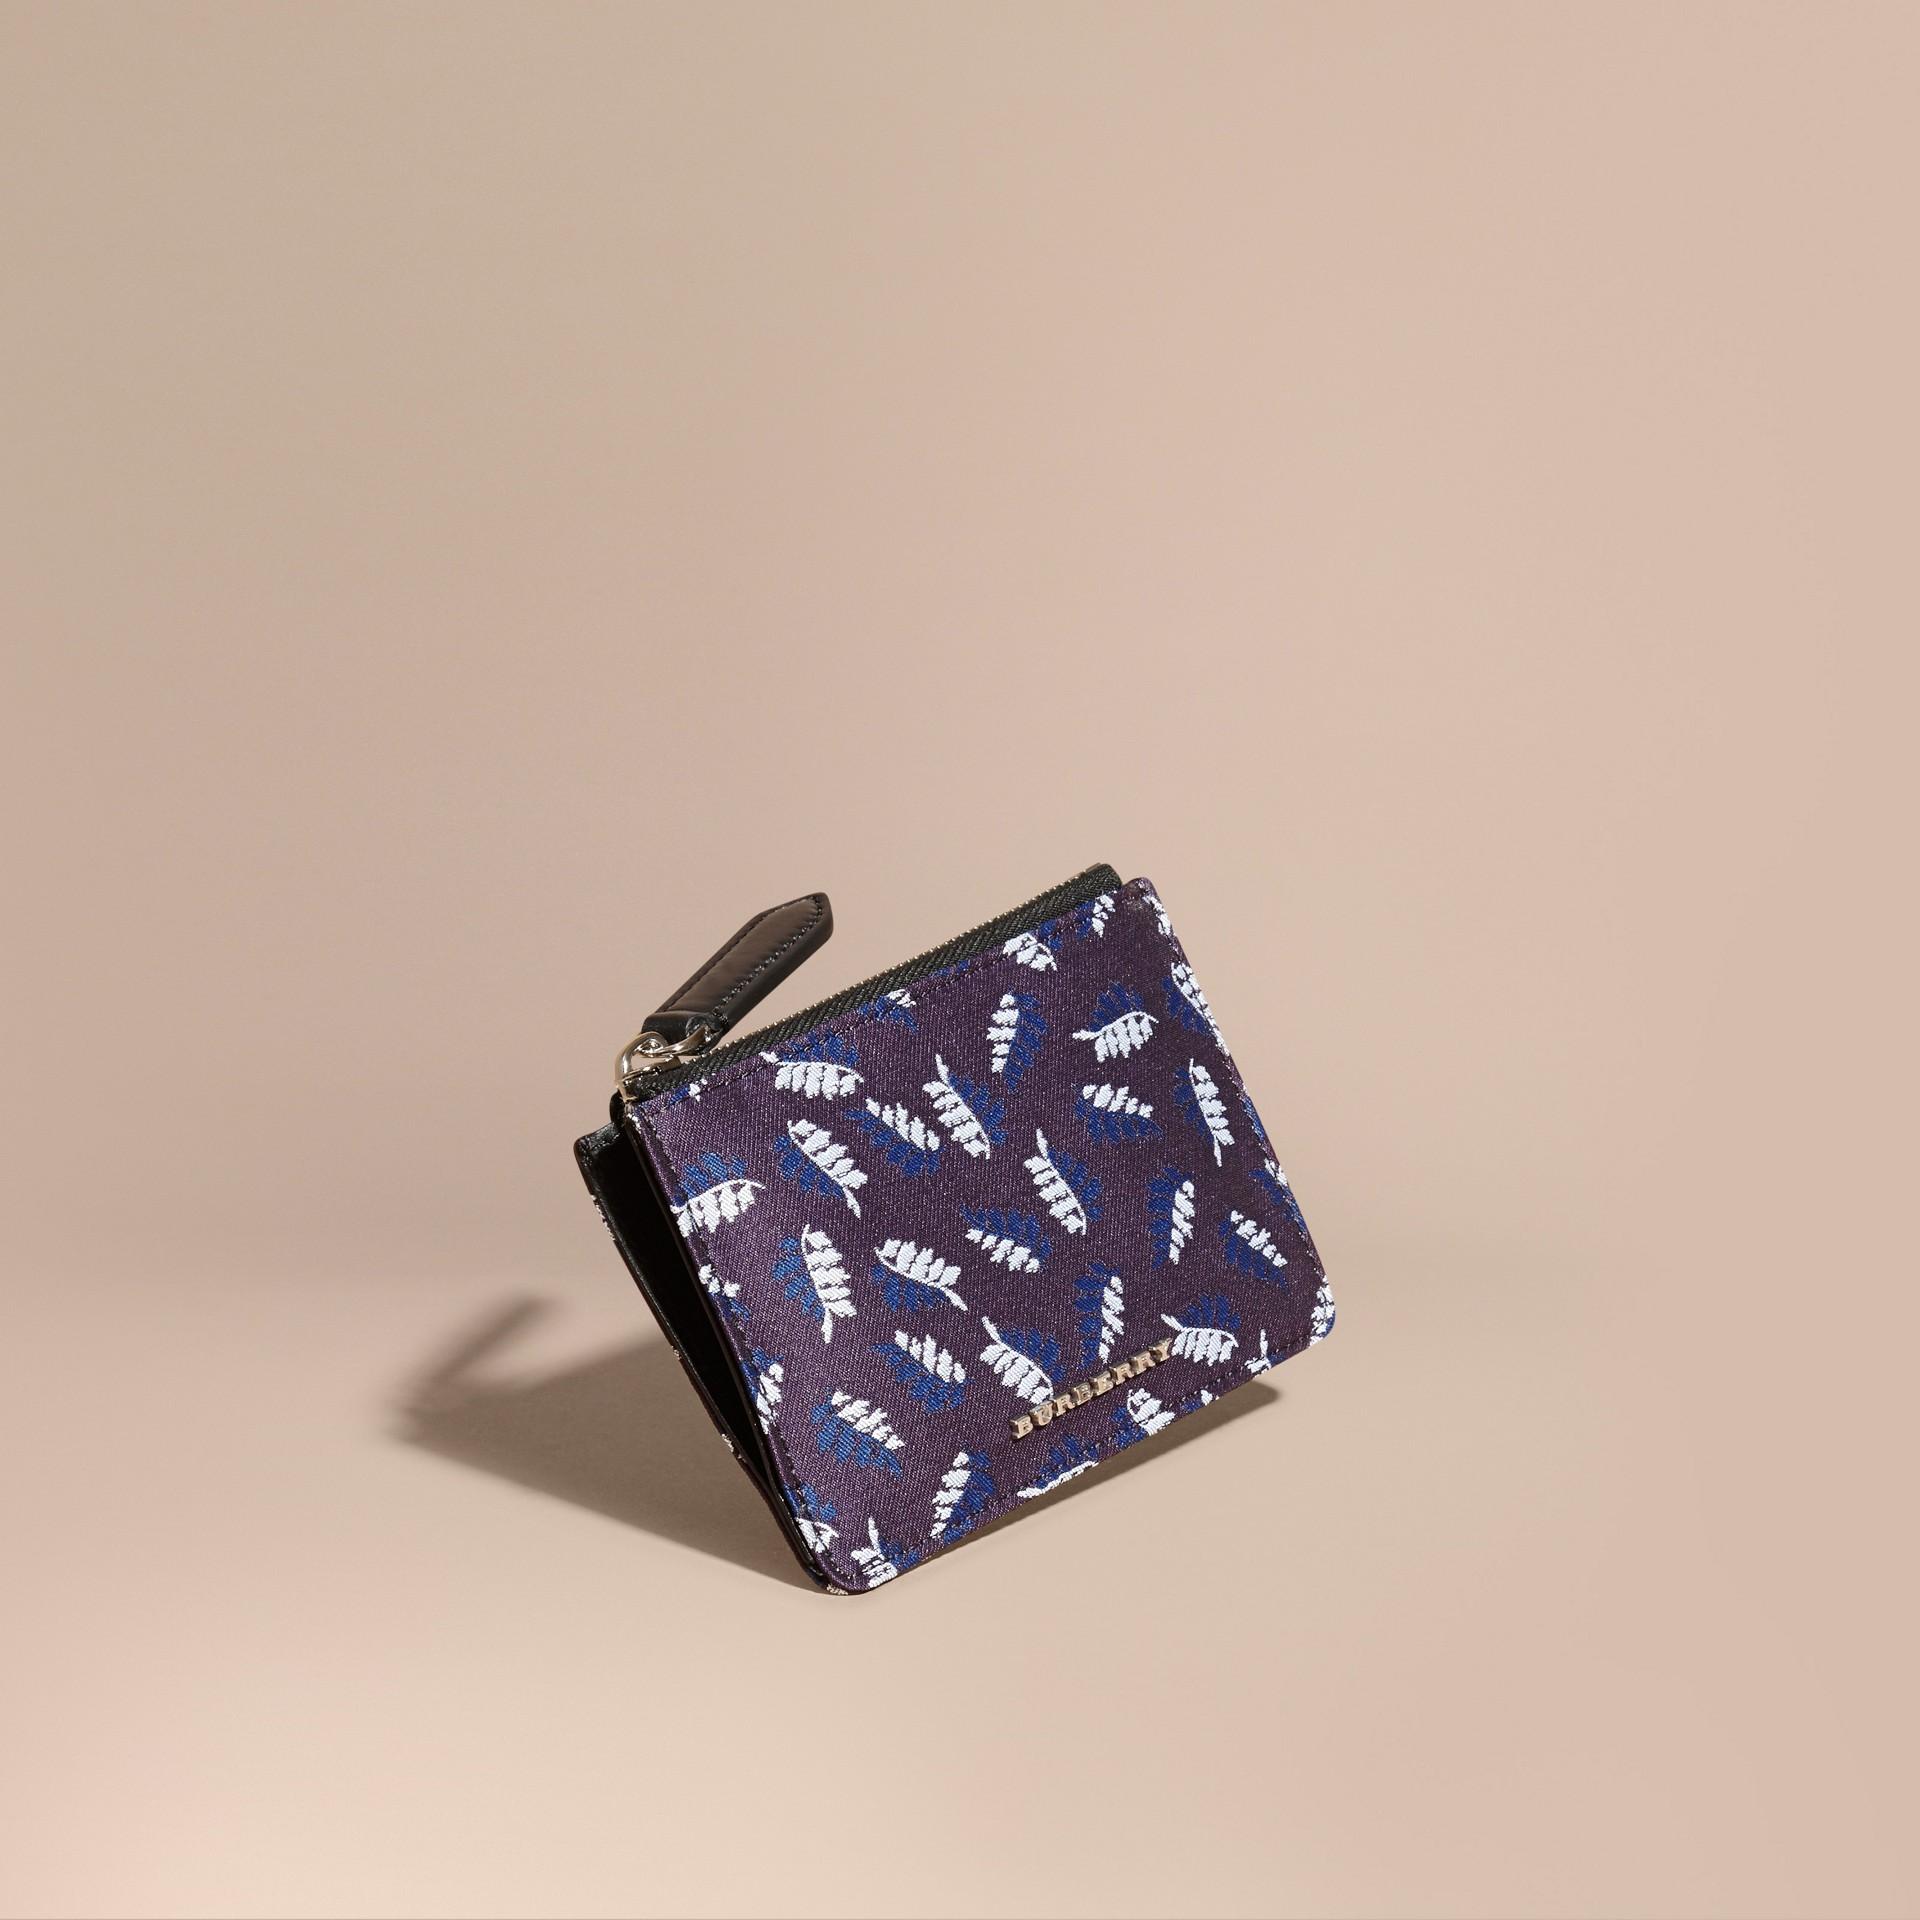 Aubergine intense Portefeuille en jacquard à motif feuillage avec zip supérieur Aubergine Intense - photo de la galerie 1